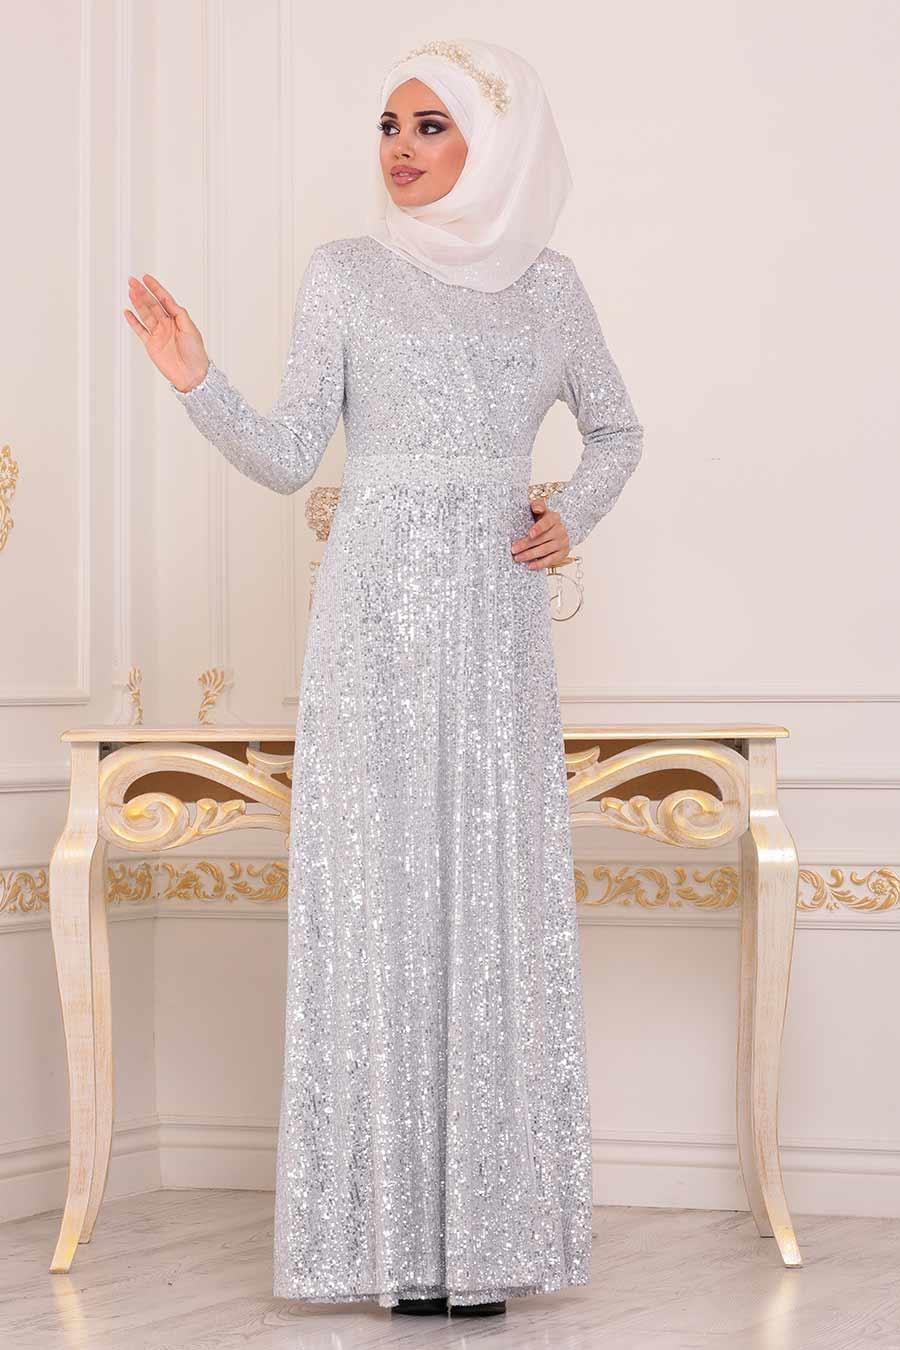 Tesettürlü Abiye Elbise - Pul Payetli Ekru Tesettür Abiye Elbise 8582E